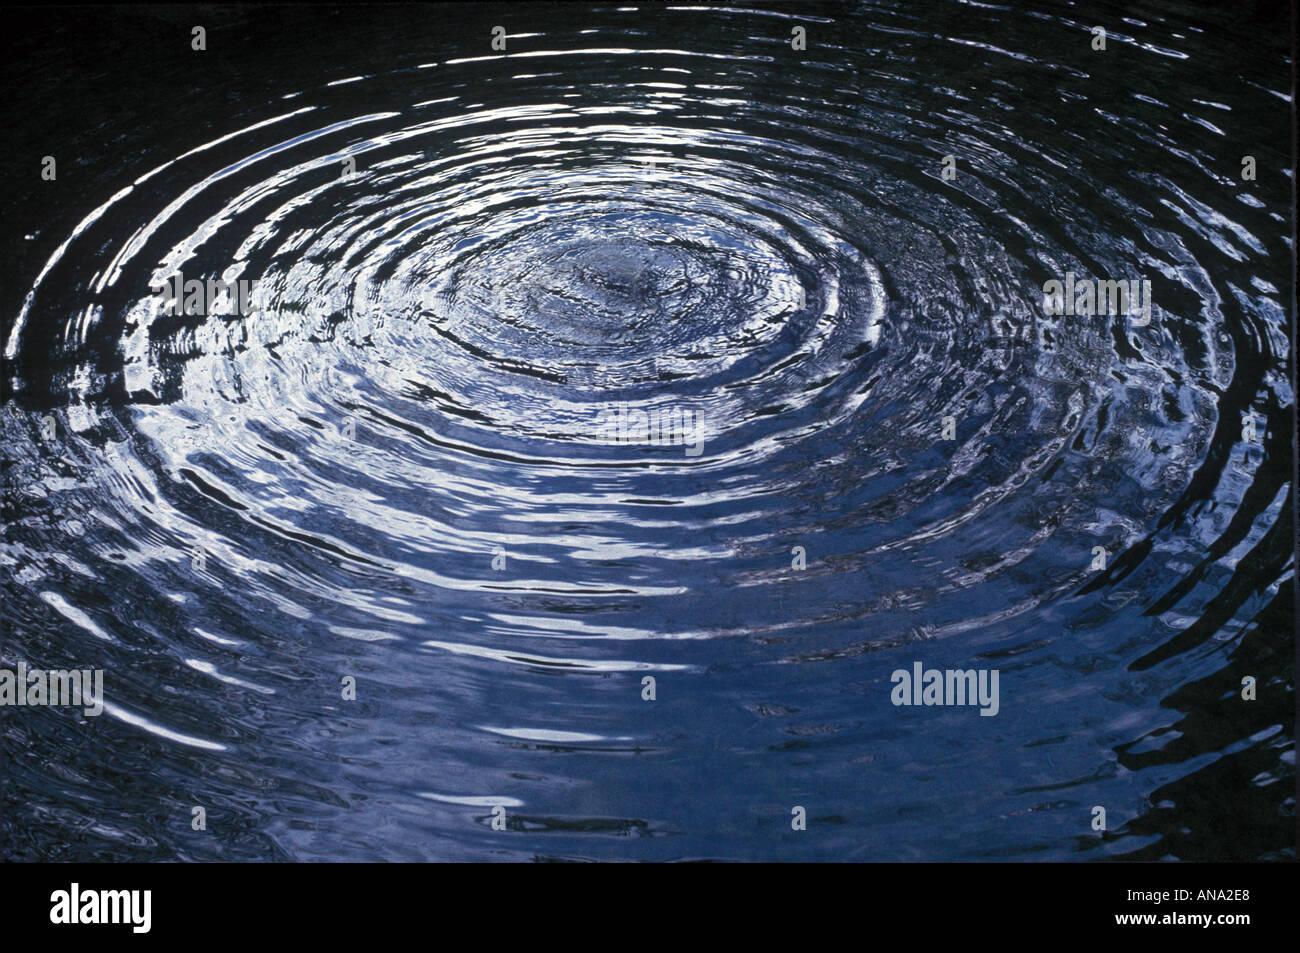 kreisförmige Wellen in einem Teich Stockbild